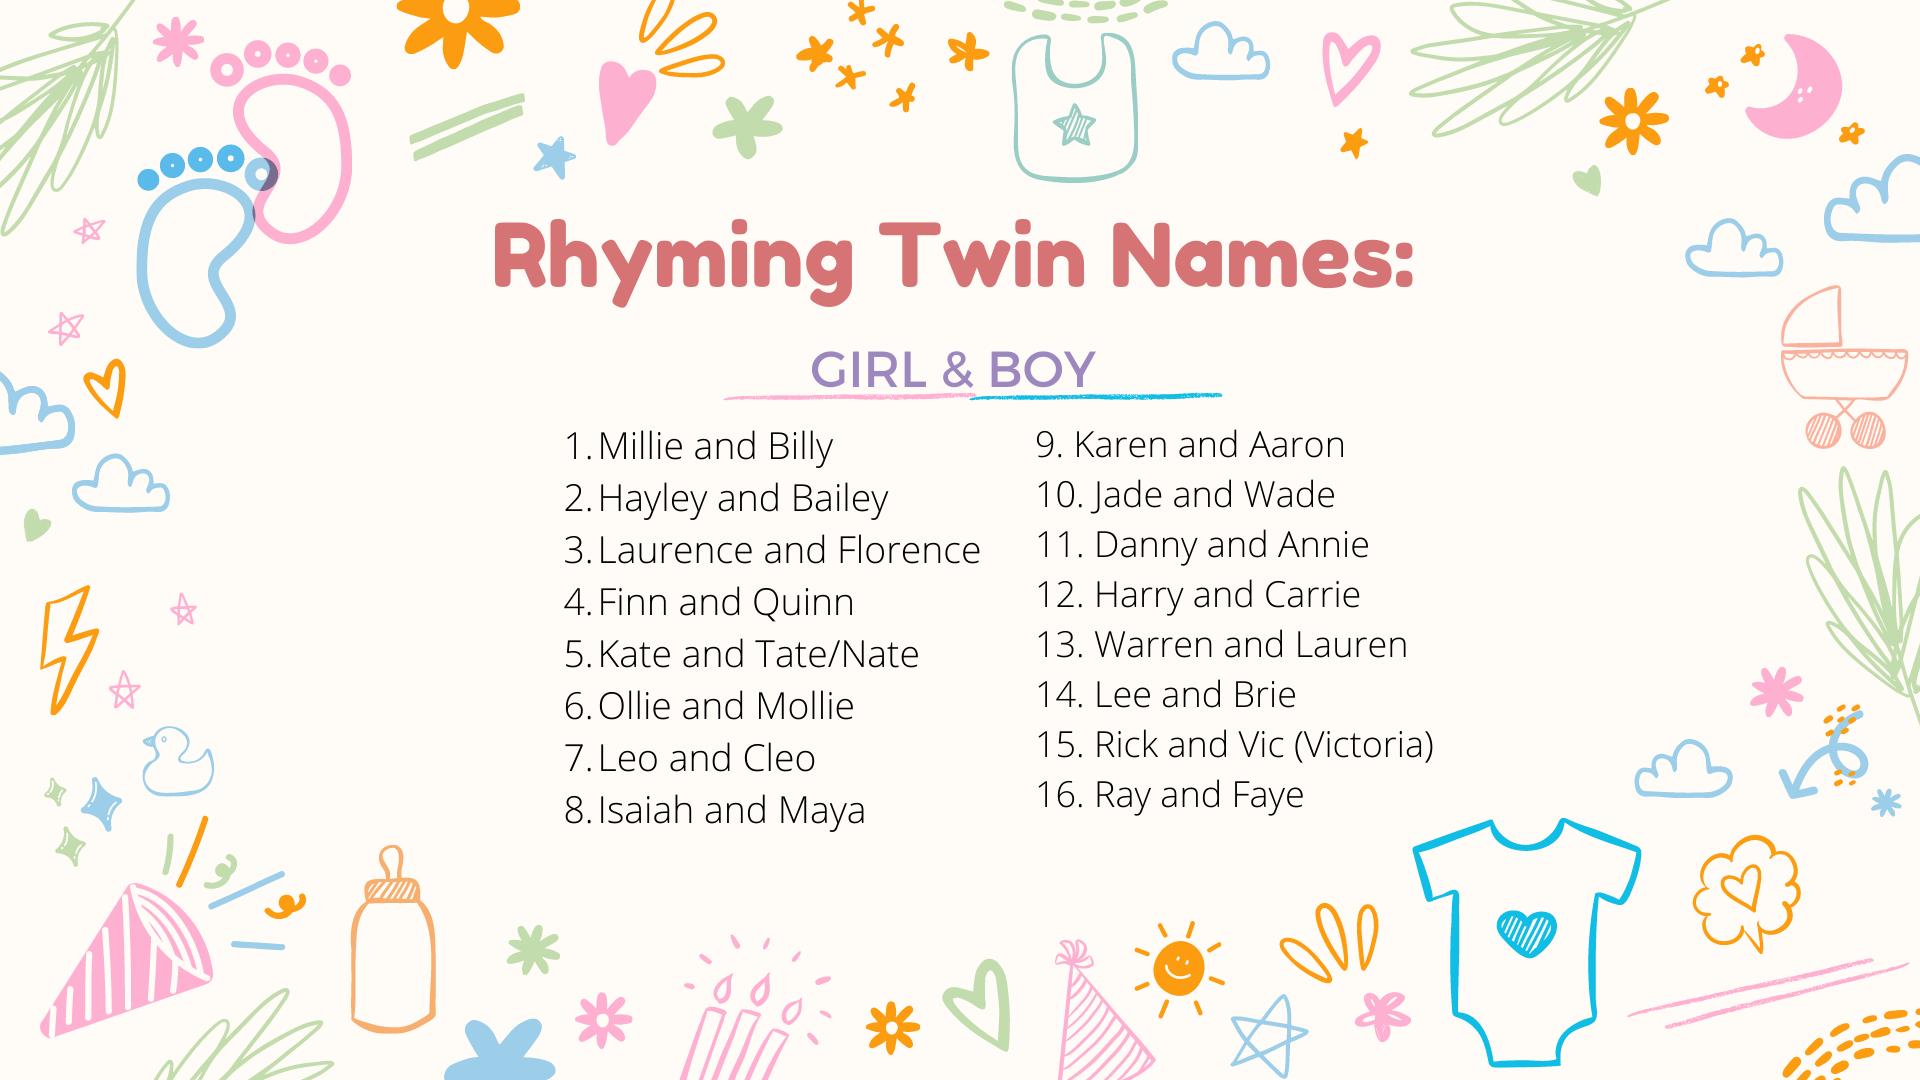 un collage de noms de jumeaux rimant pour garçons et filles